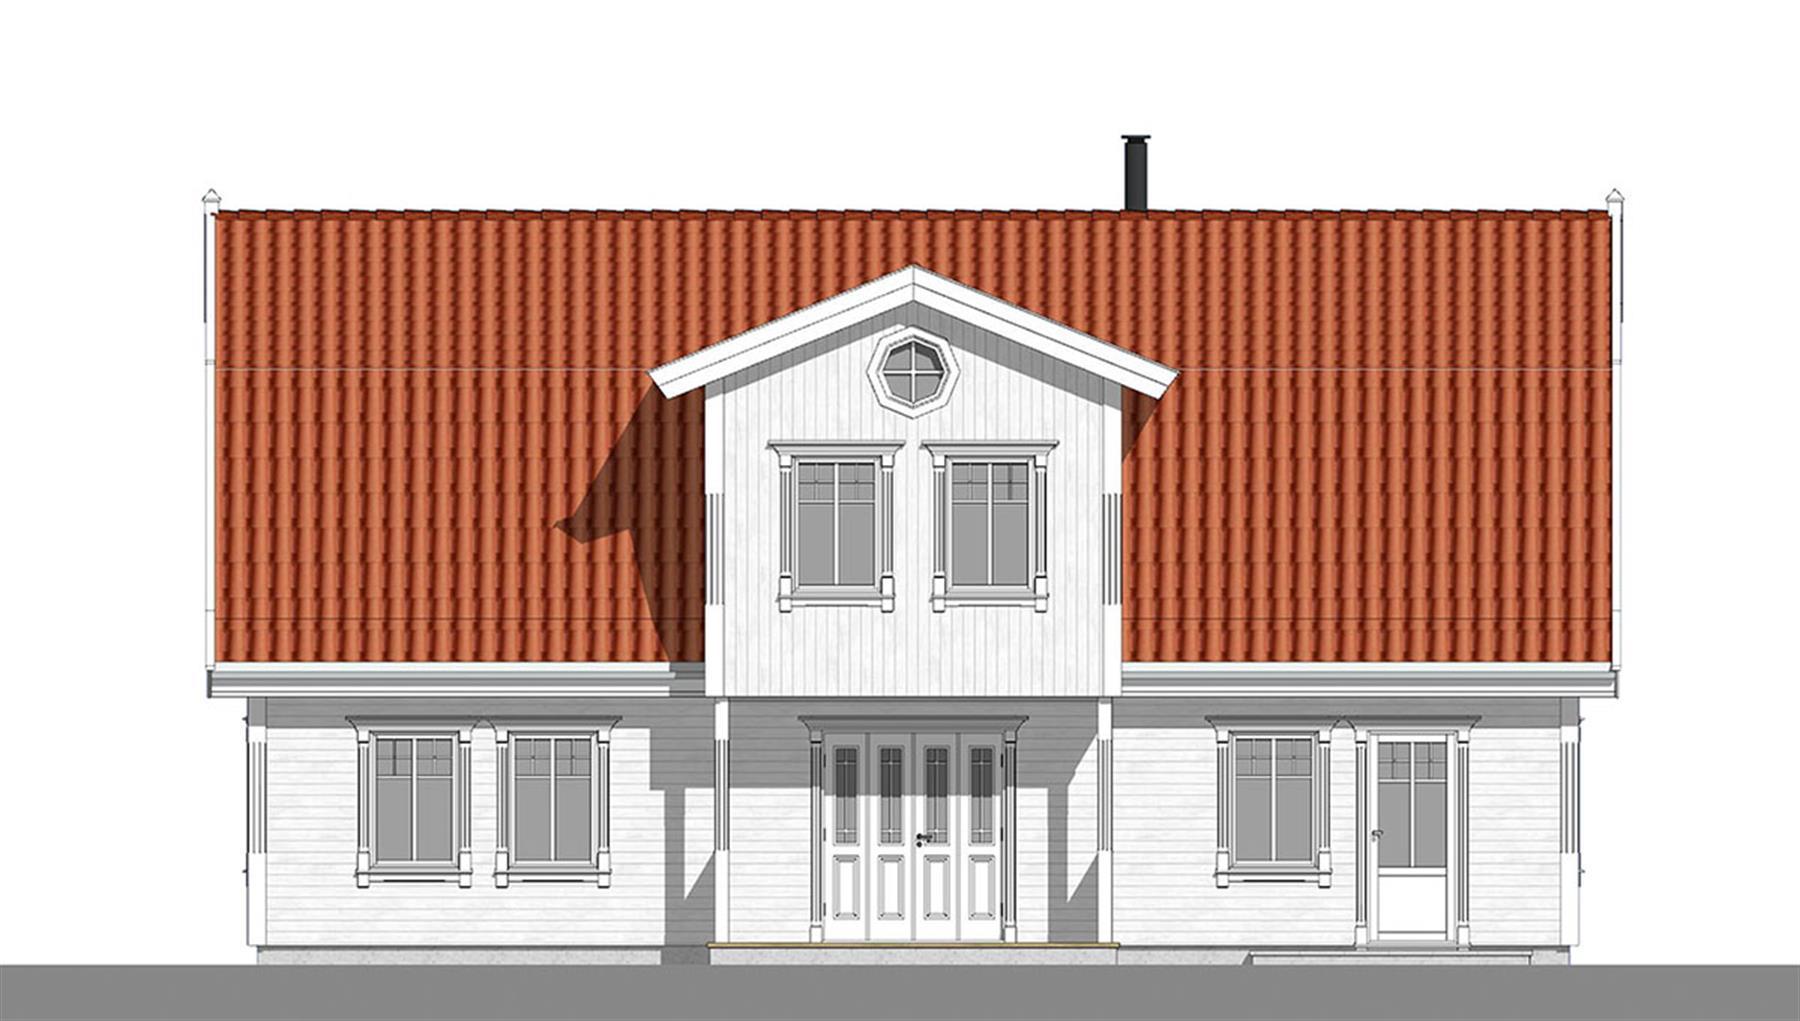 Fanafjord fasade 1